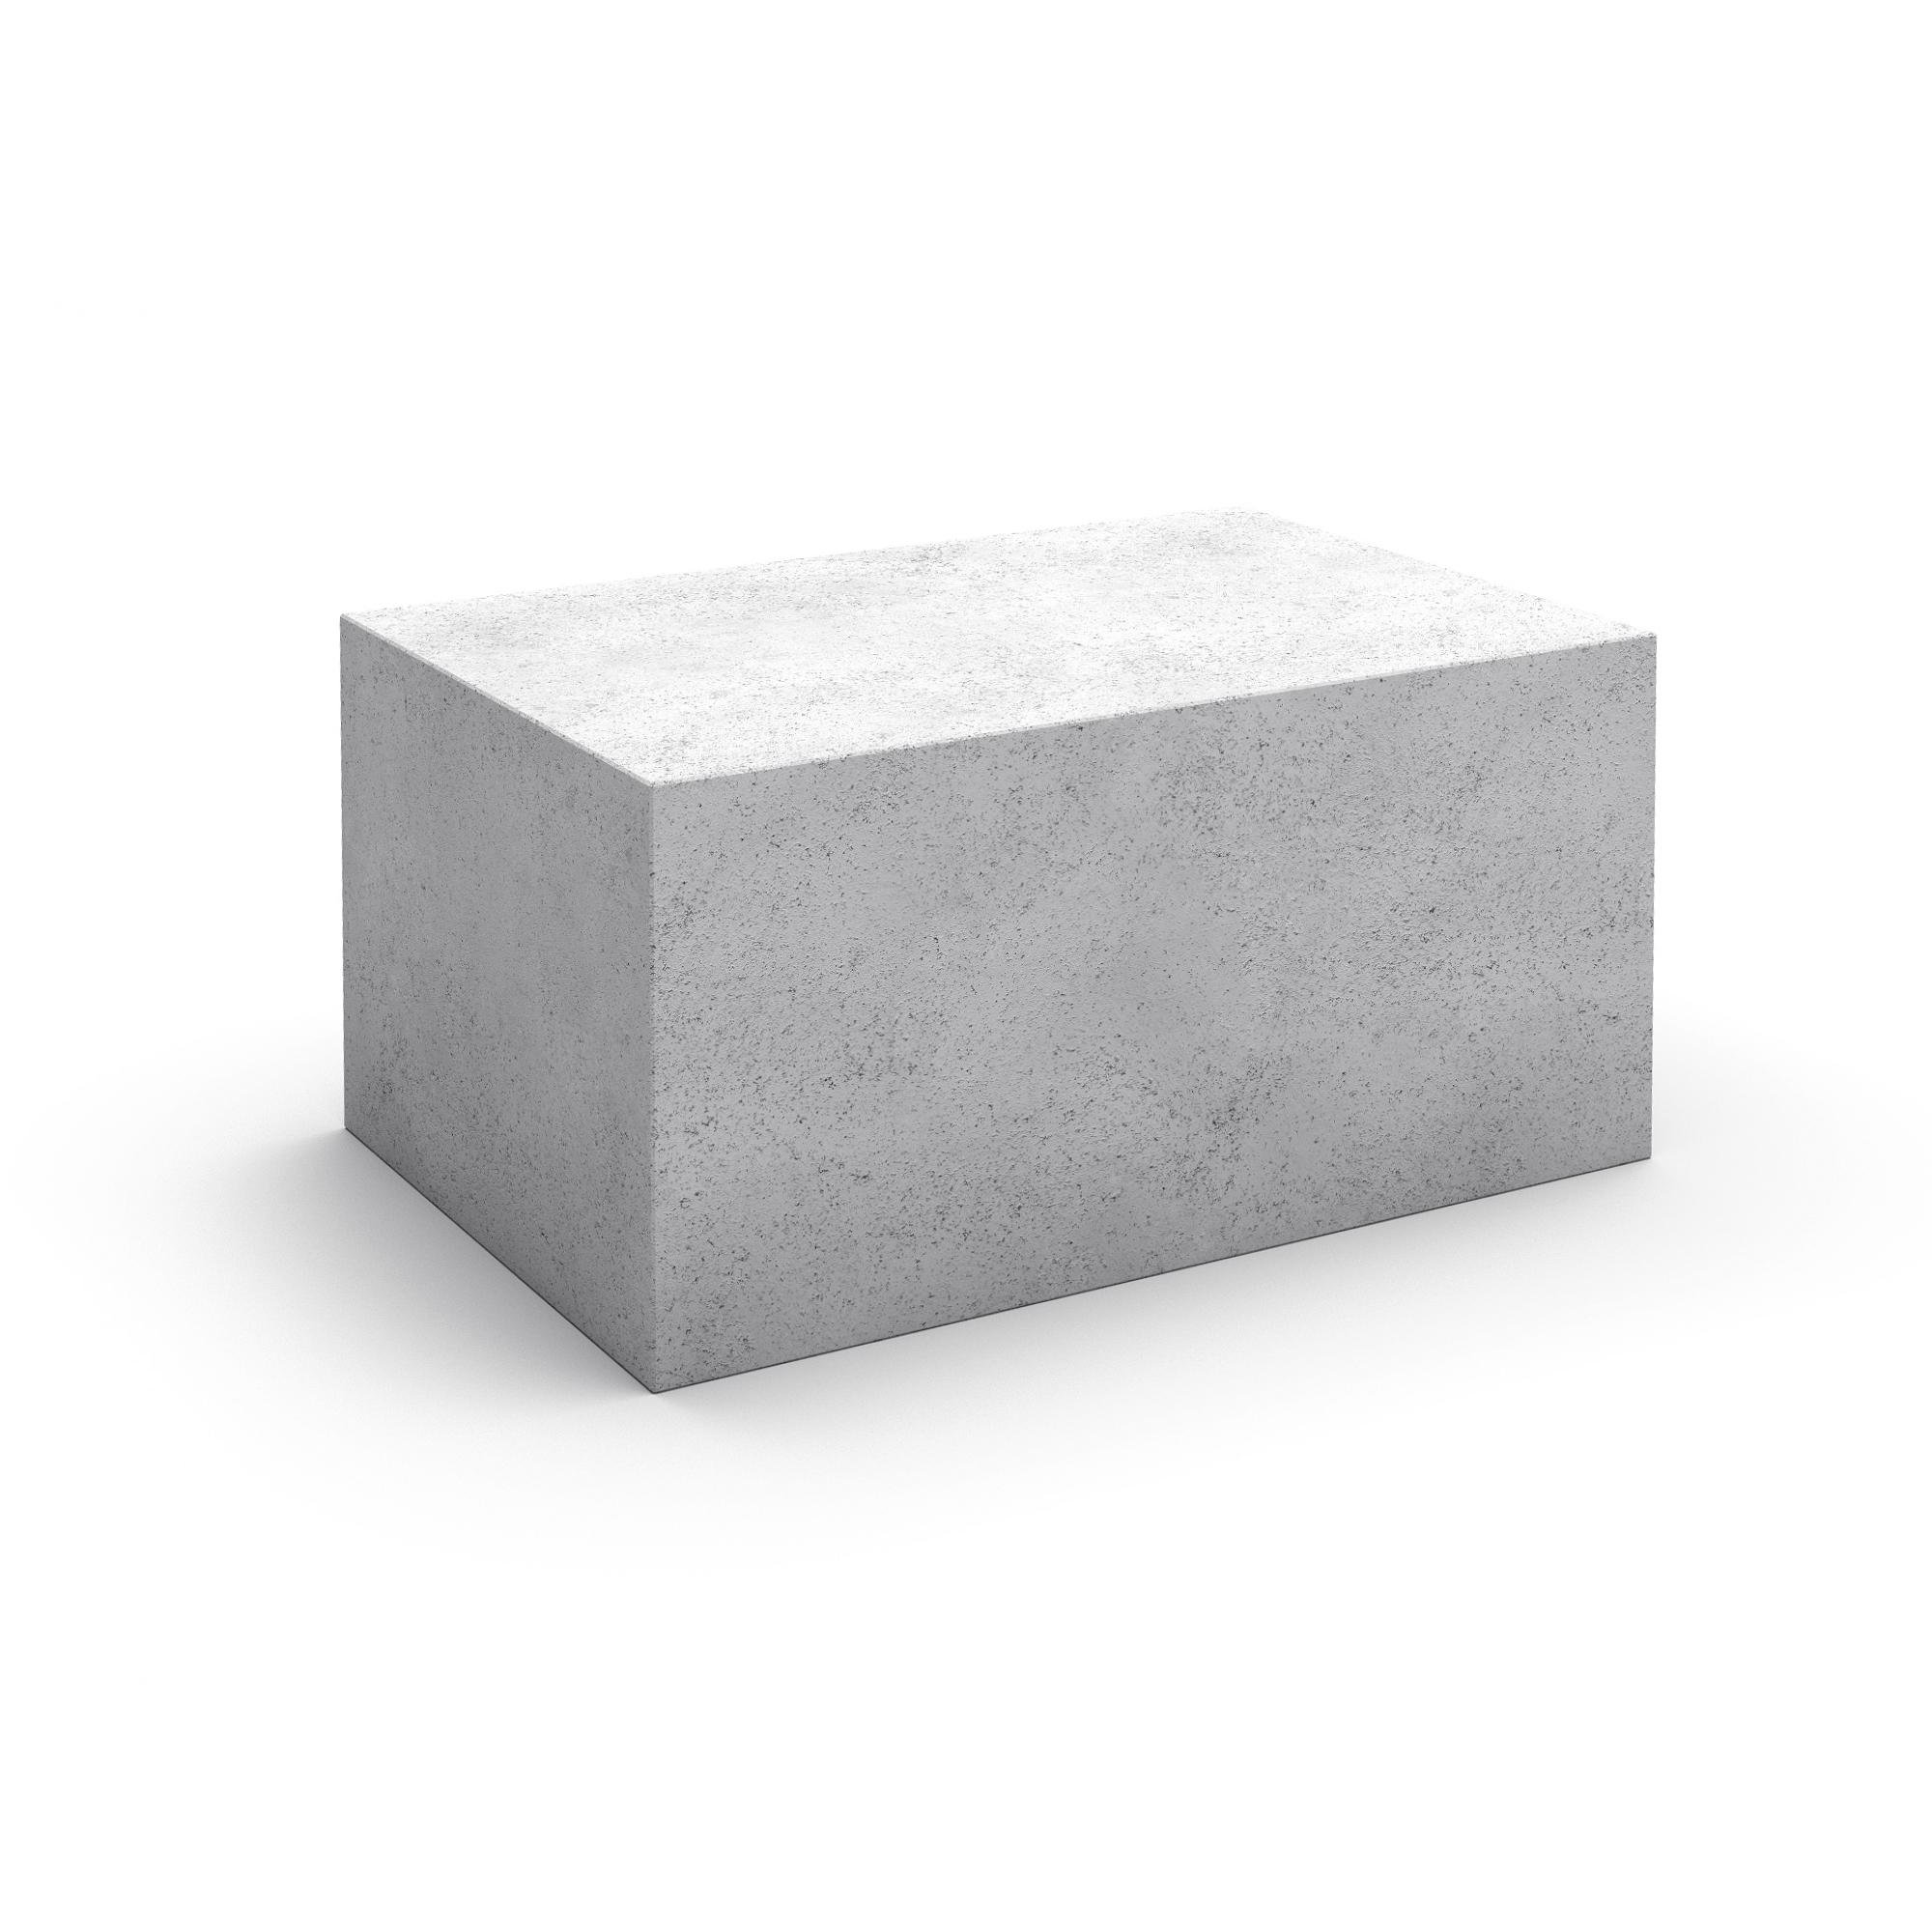 Купит пено бетон краситель для бетона белгород купить